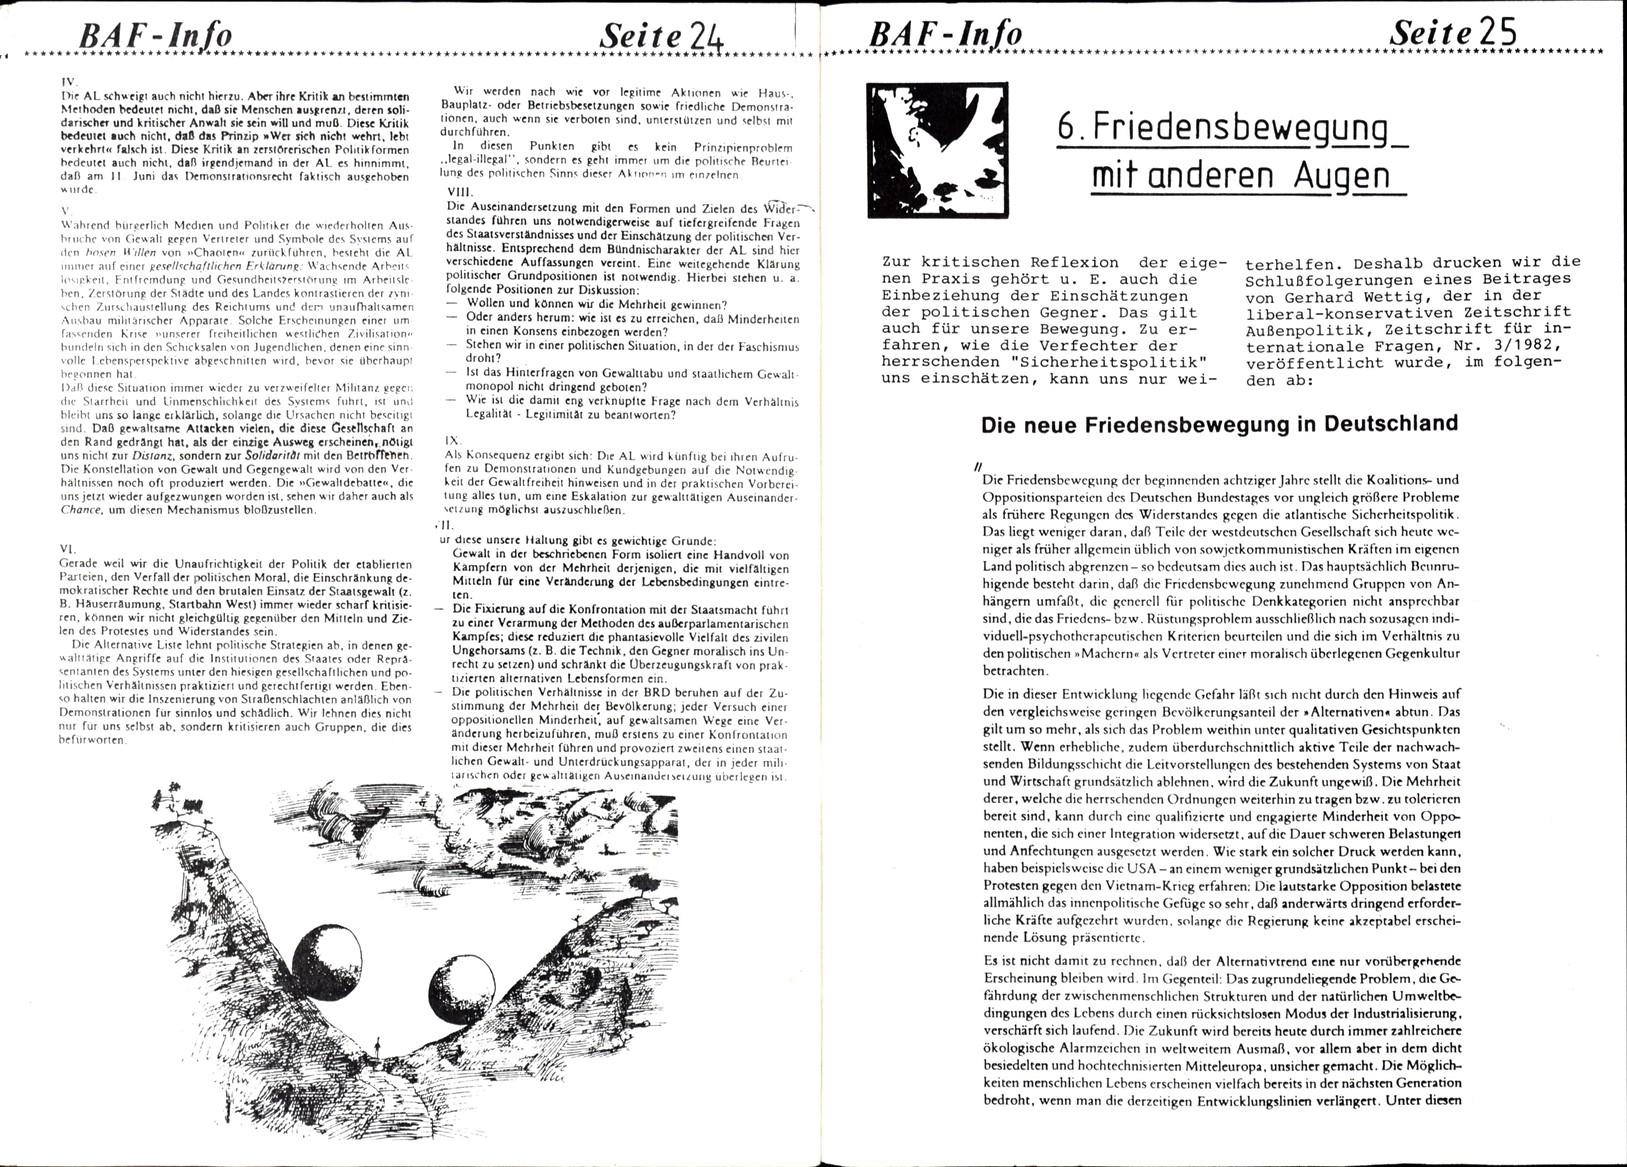 BAF_Info_01_19820900_13